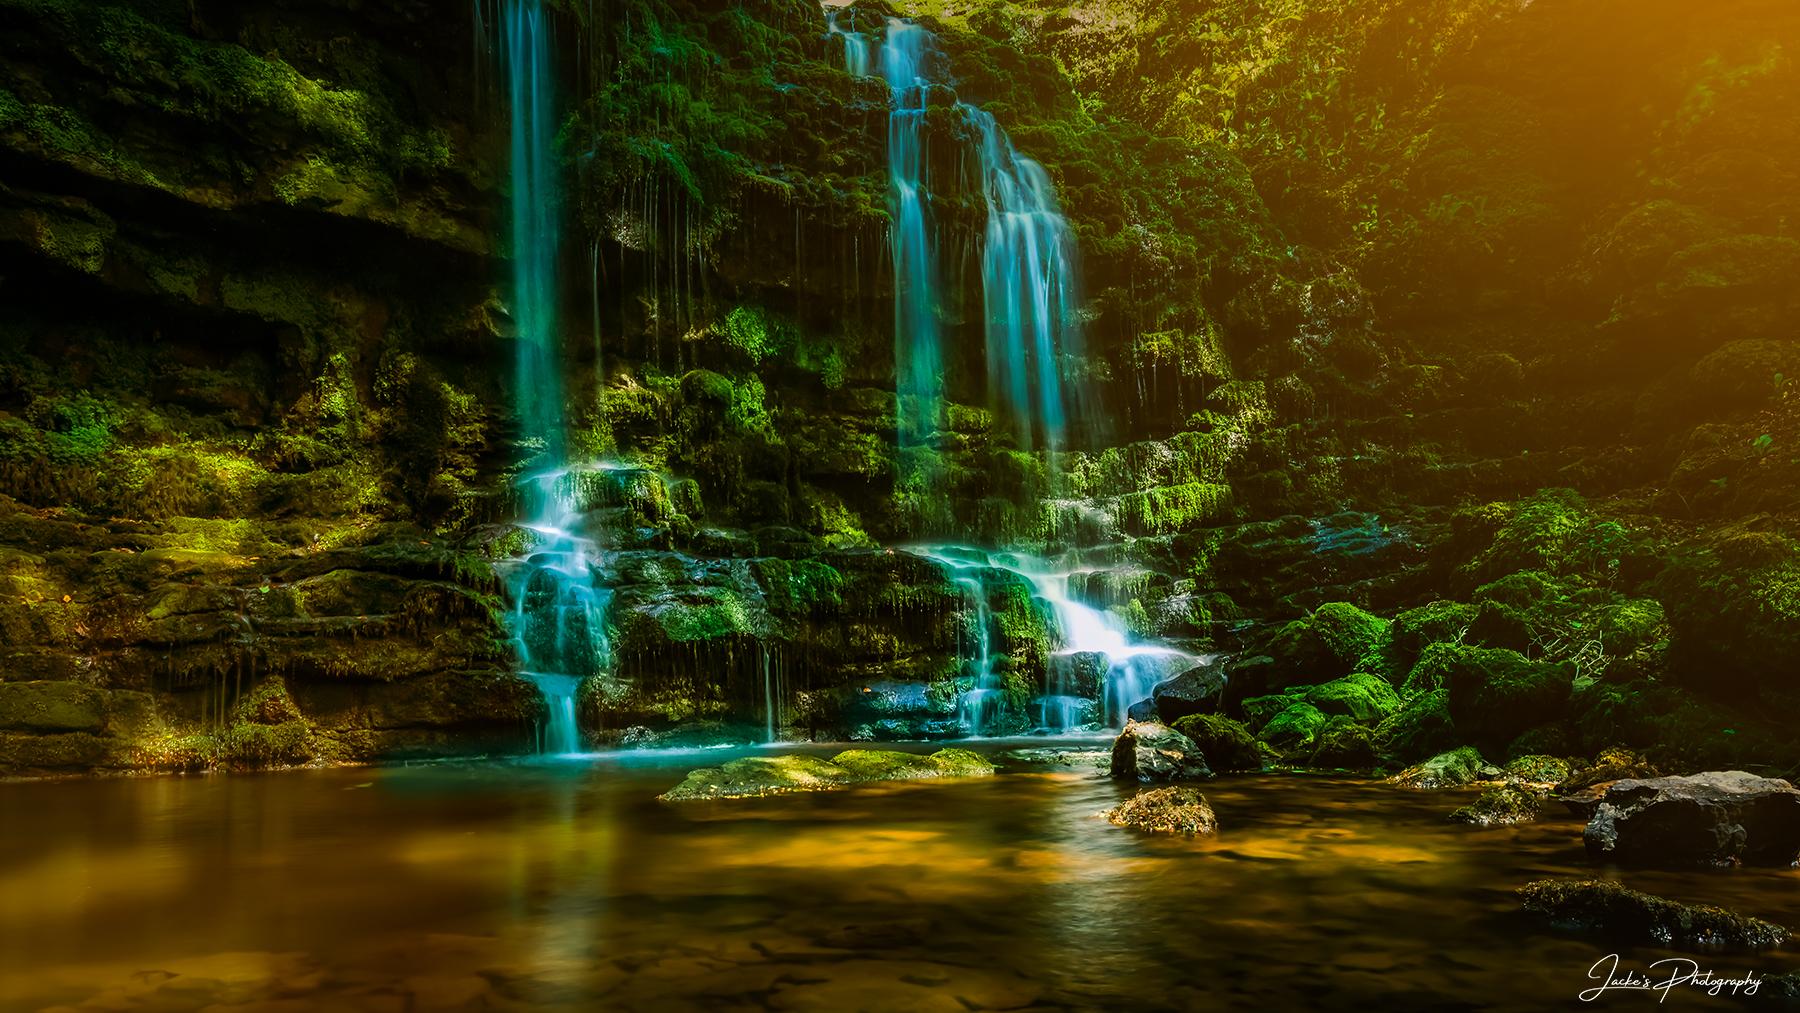 Scaleber Force Waterfall, United Kingdom